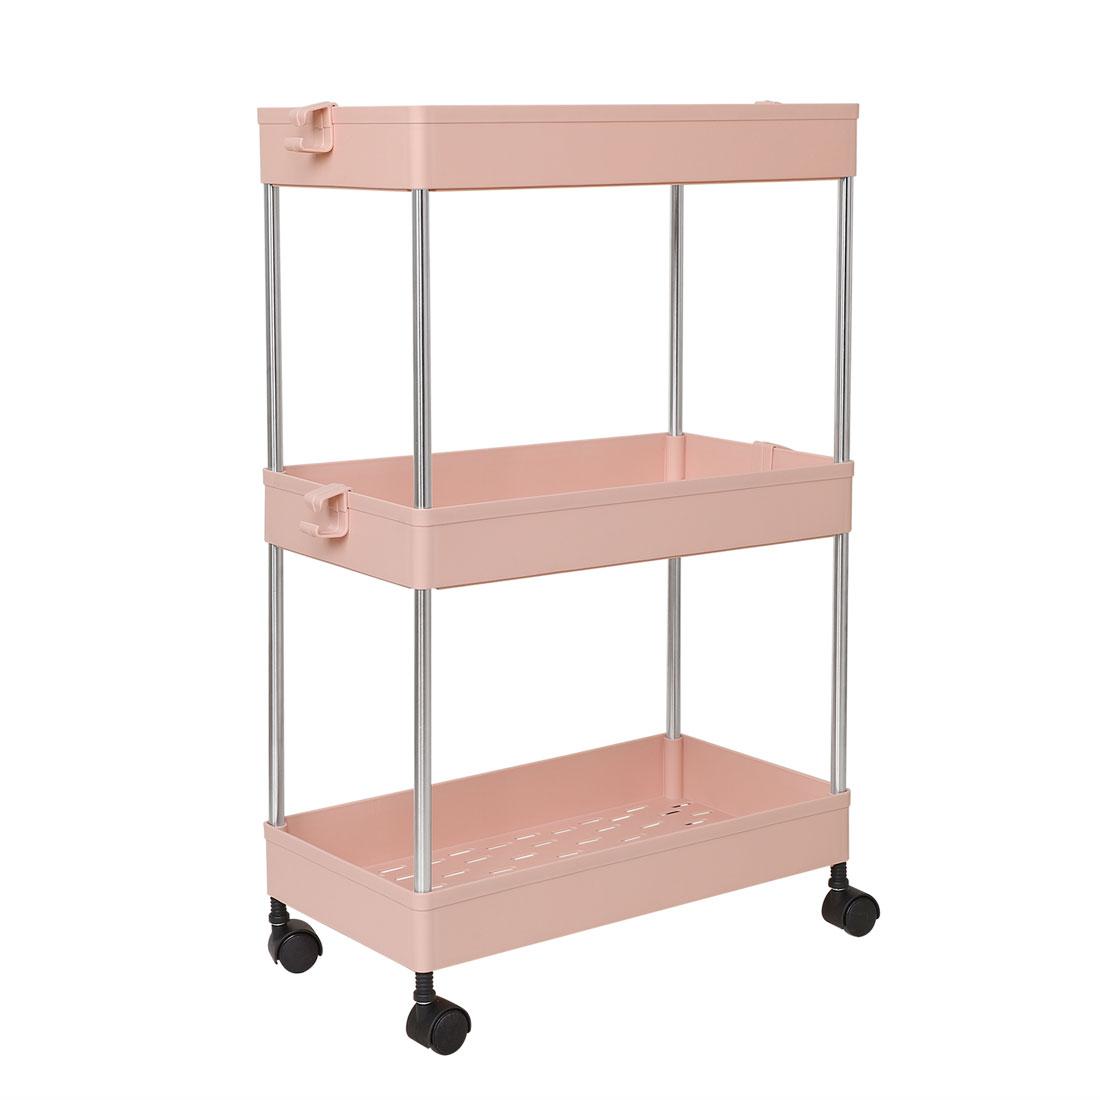 3 Tiers Storage Rolling Cart Organizer Rack w/ Wheels for Bath Kitchen Pink